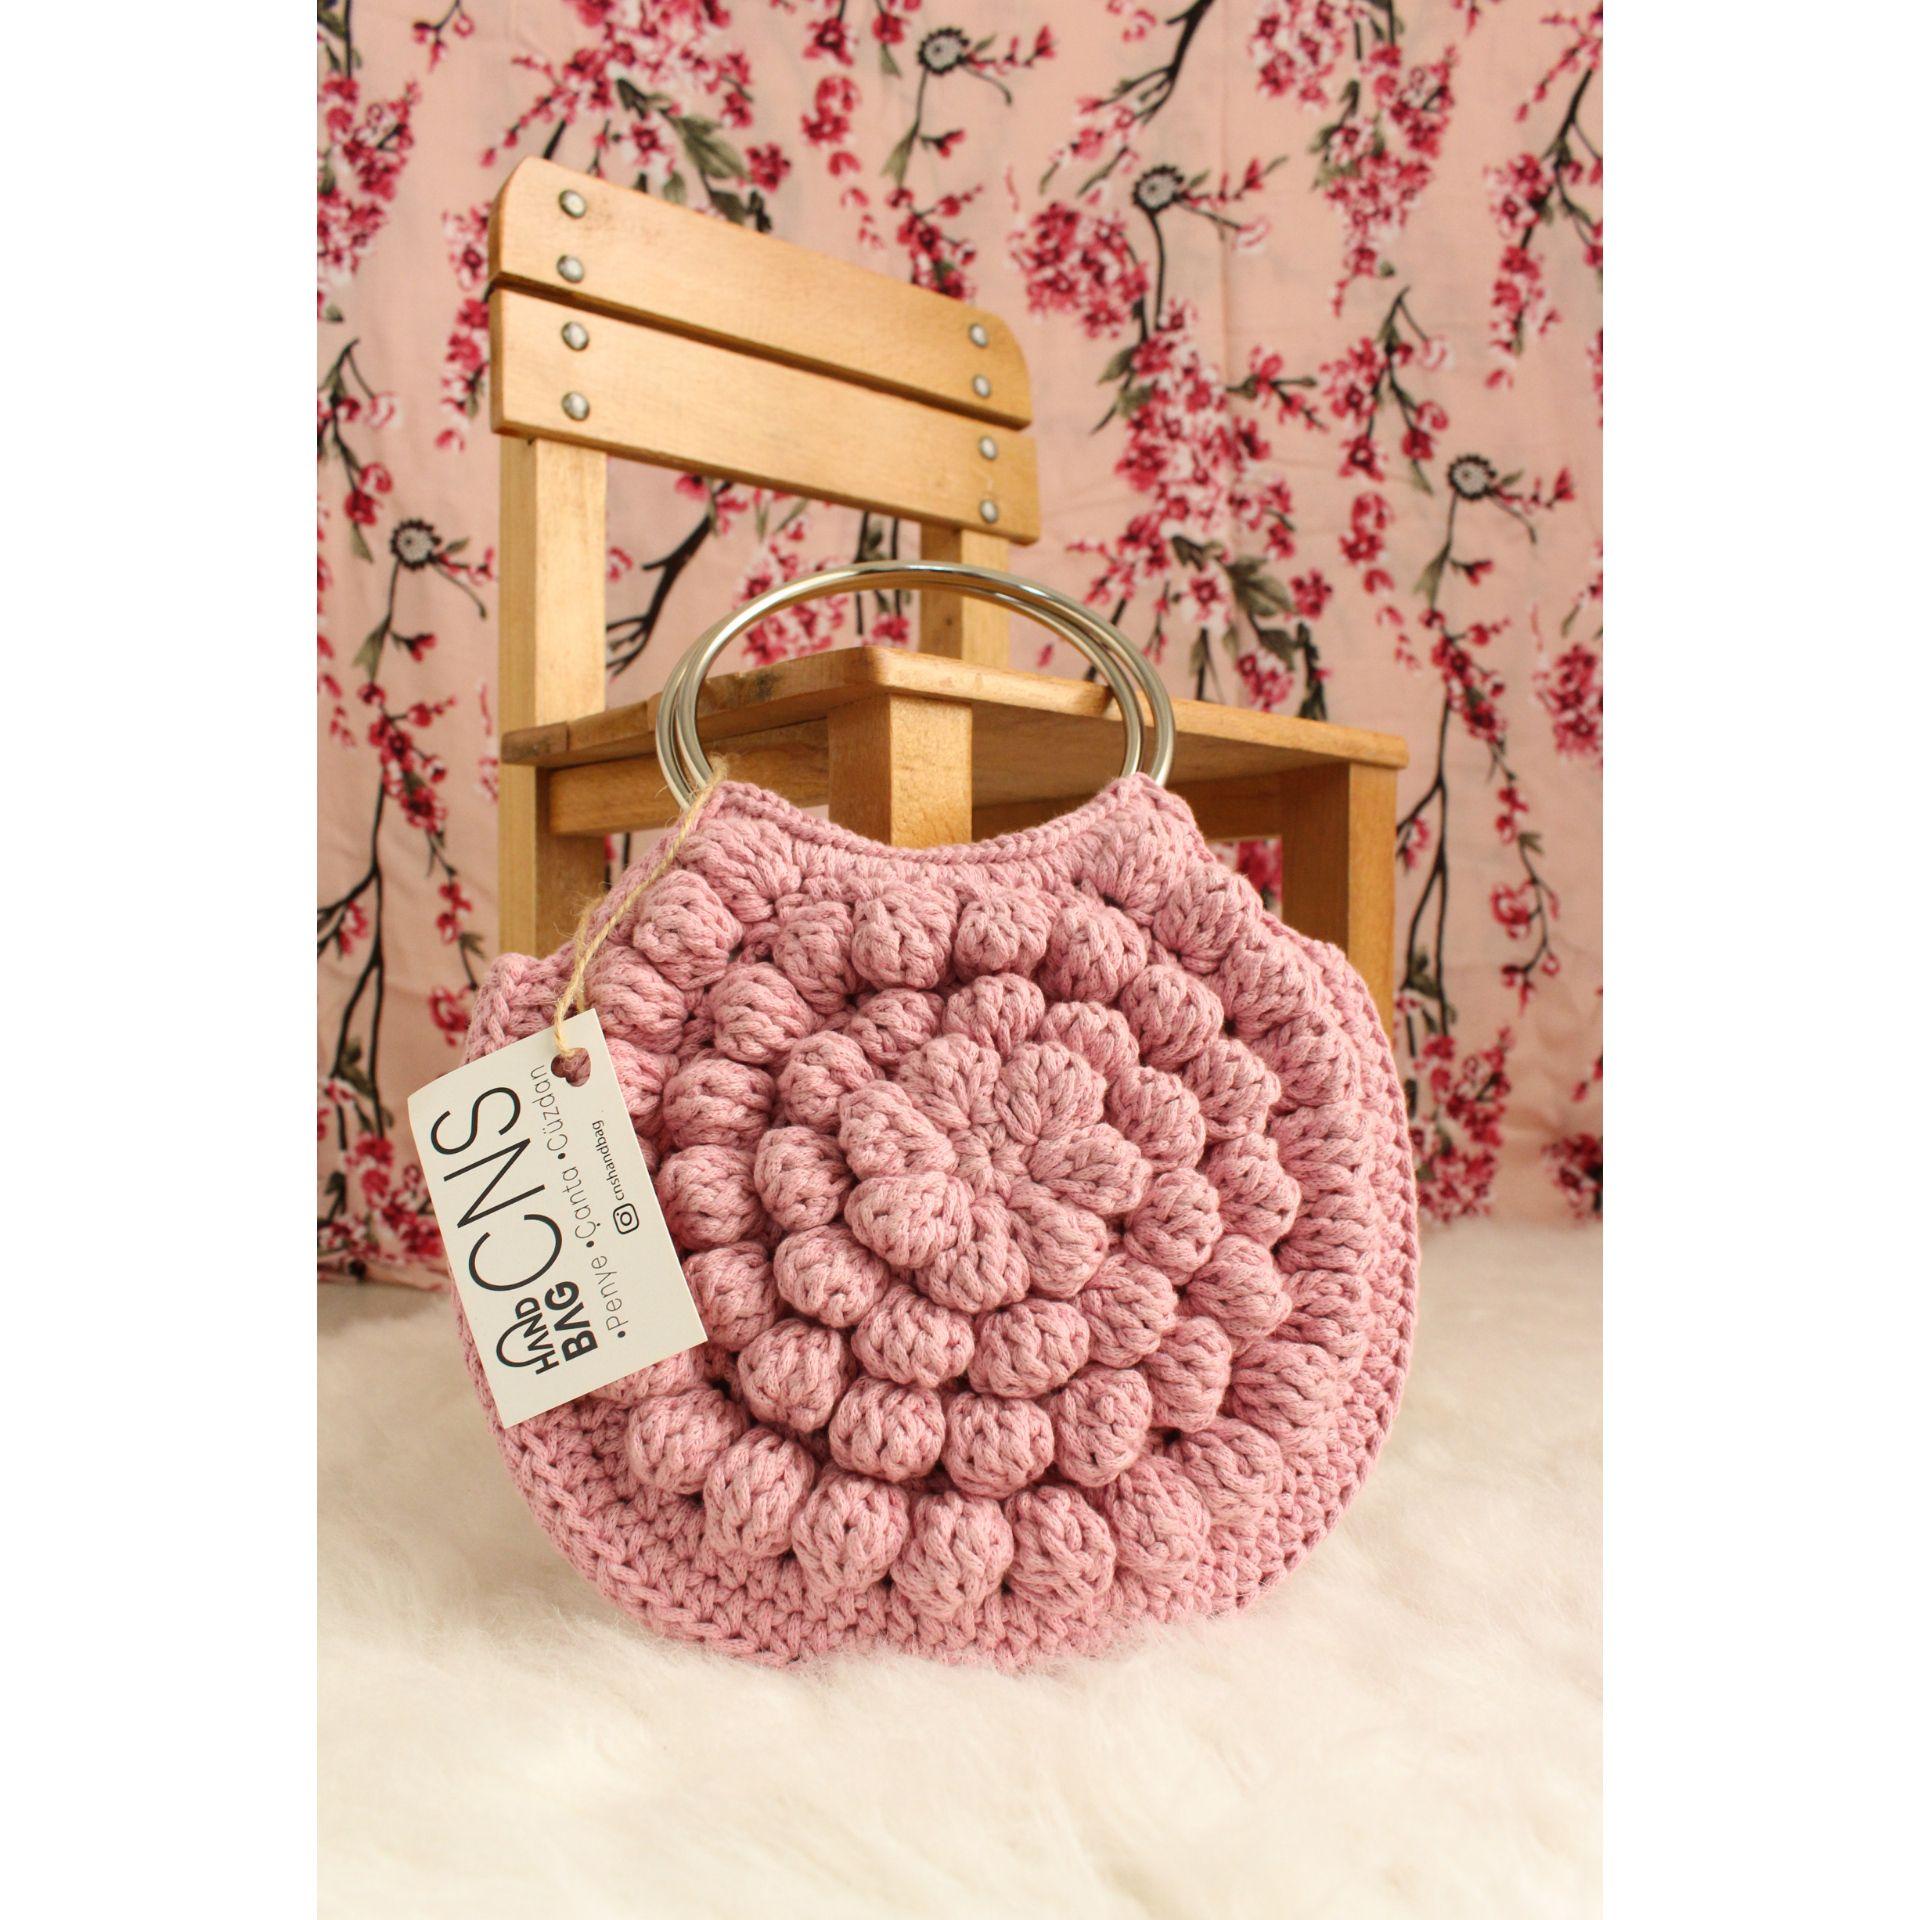 Her mevsimin çantası Romashka... 💮 ▪️▪️▪️ . -İsteğe göre sipariş alınır. -Sipariş ve fiyat bilgisi için Dm'den iletişime geçiniz. ▪️▪️▪️ #raffiaip#pullandbear #hasırçanta #örgüvideo#handmade#cnshandbag#örgüçanta#knit #knittingbag#çanta#crochetbag#crochet#makrome #kagitipcanta #romashka